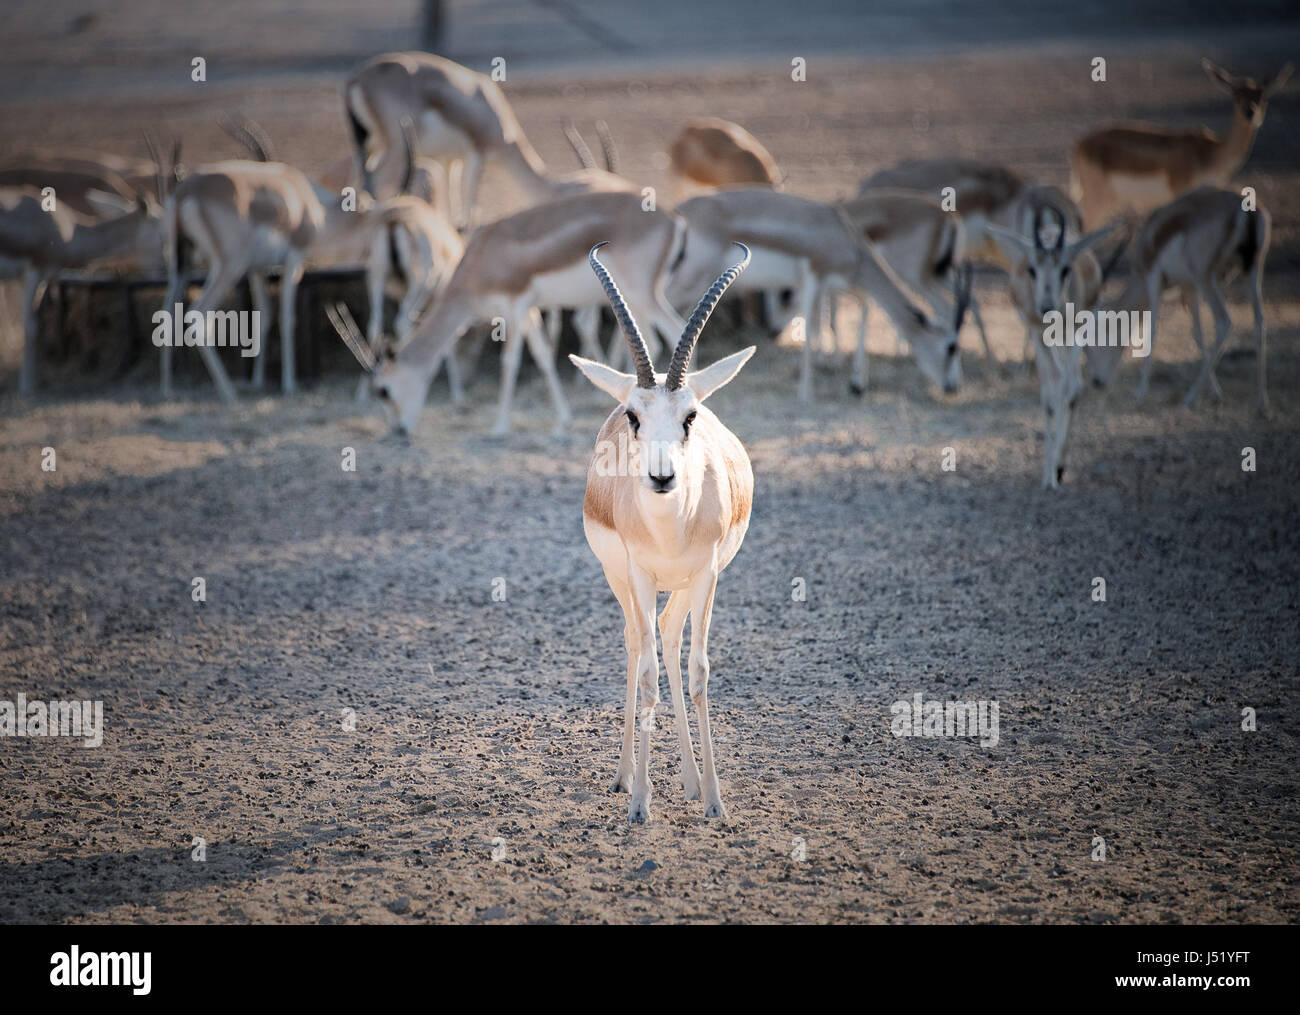 Sand Gazelle - Stock Image